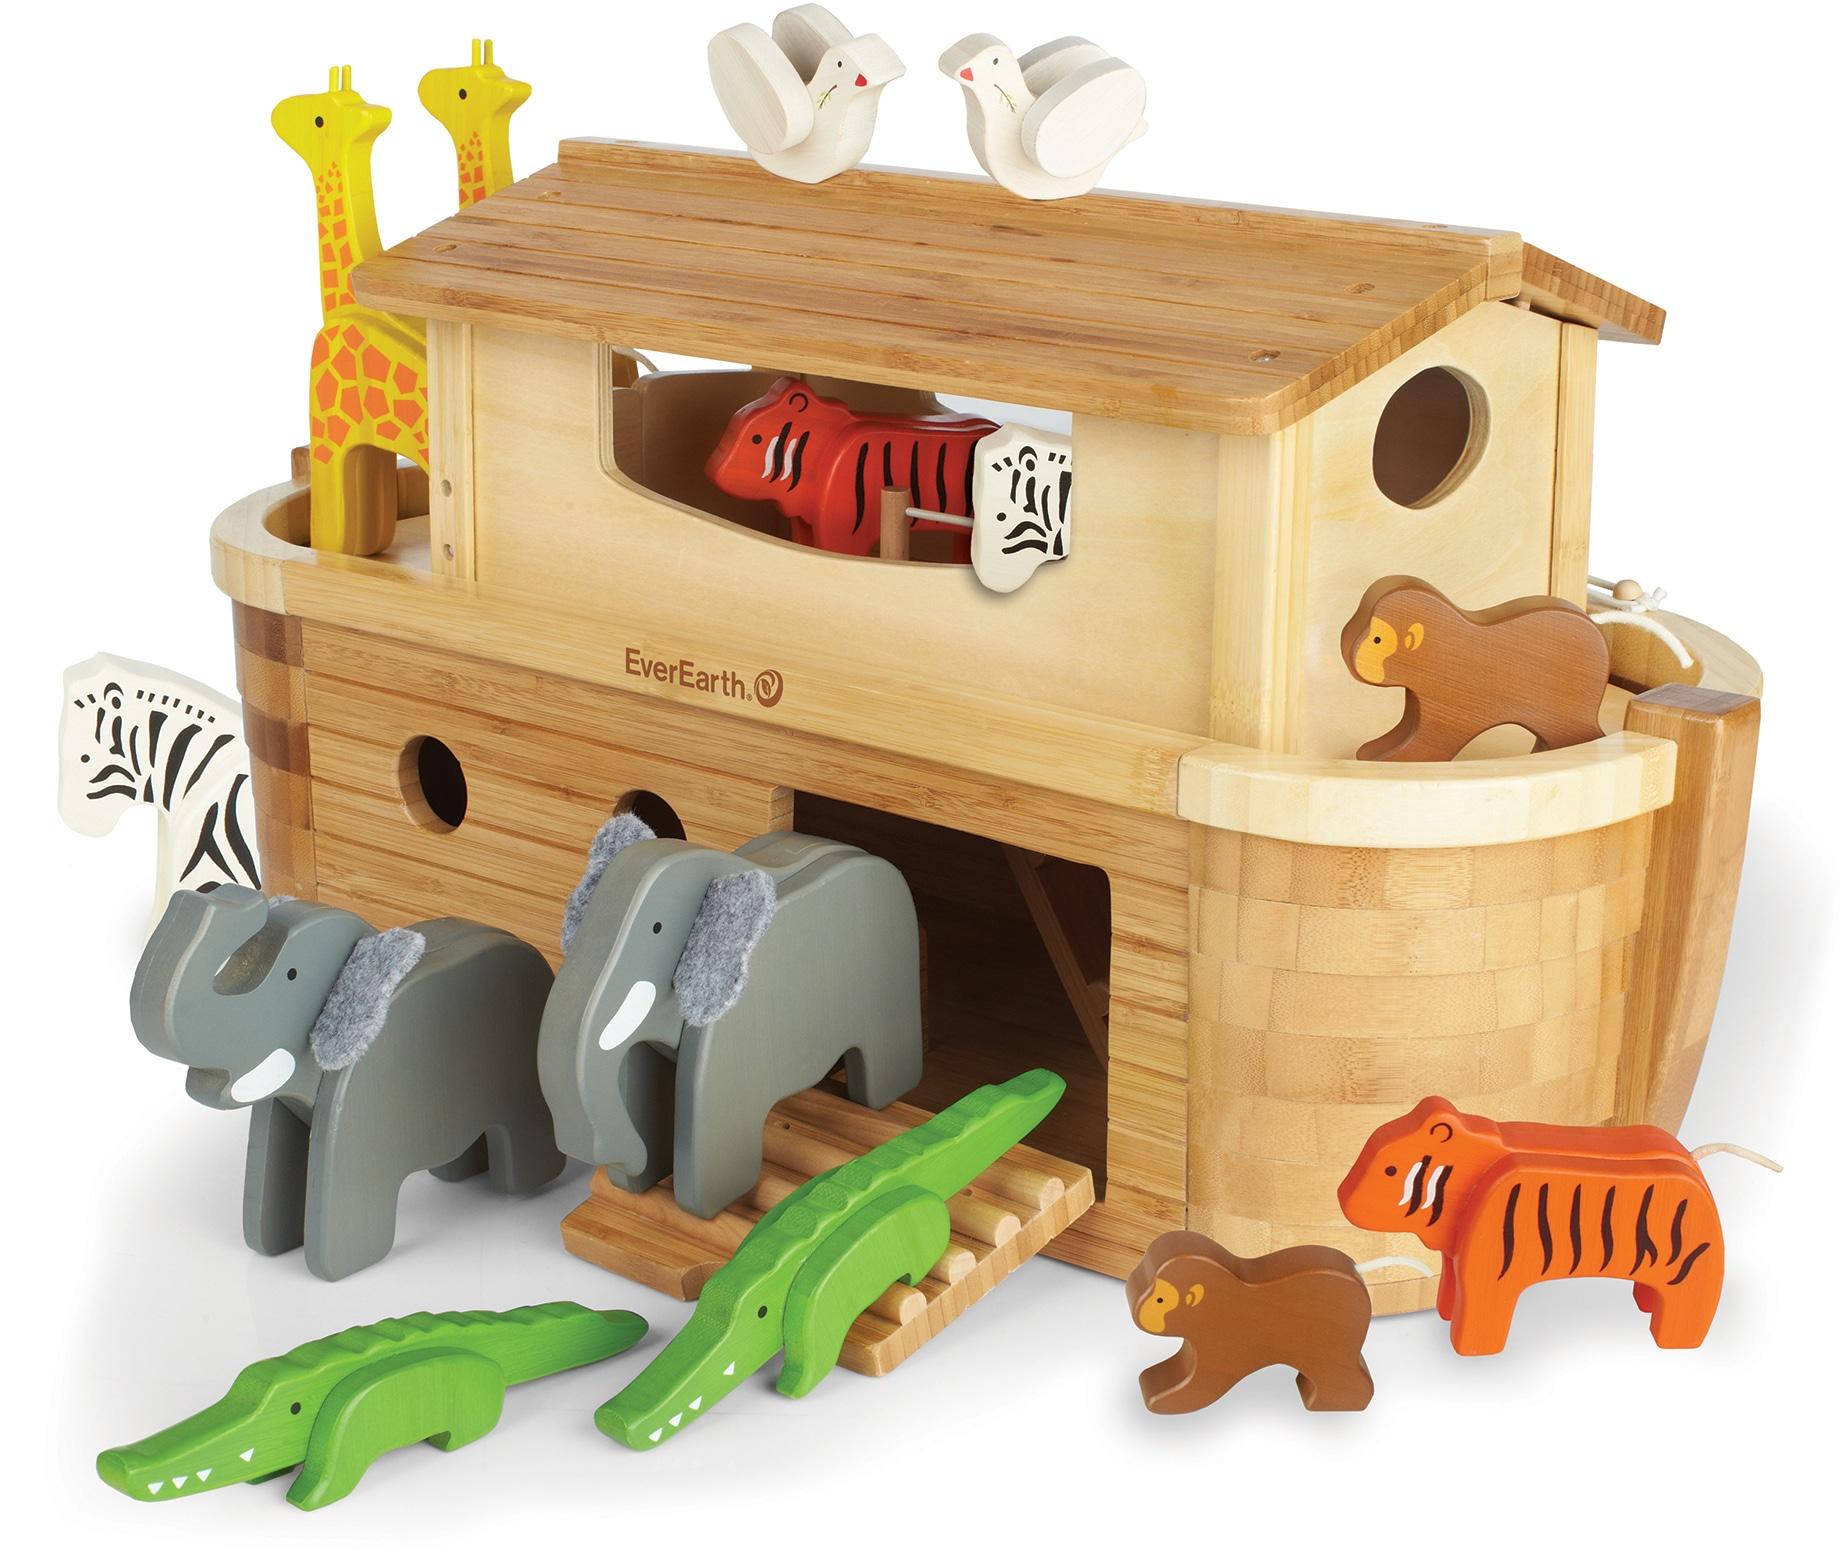 EverEarth Holzspielzeug Arche Noah in Groß mit 14 Tieren Preisvergleich